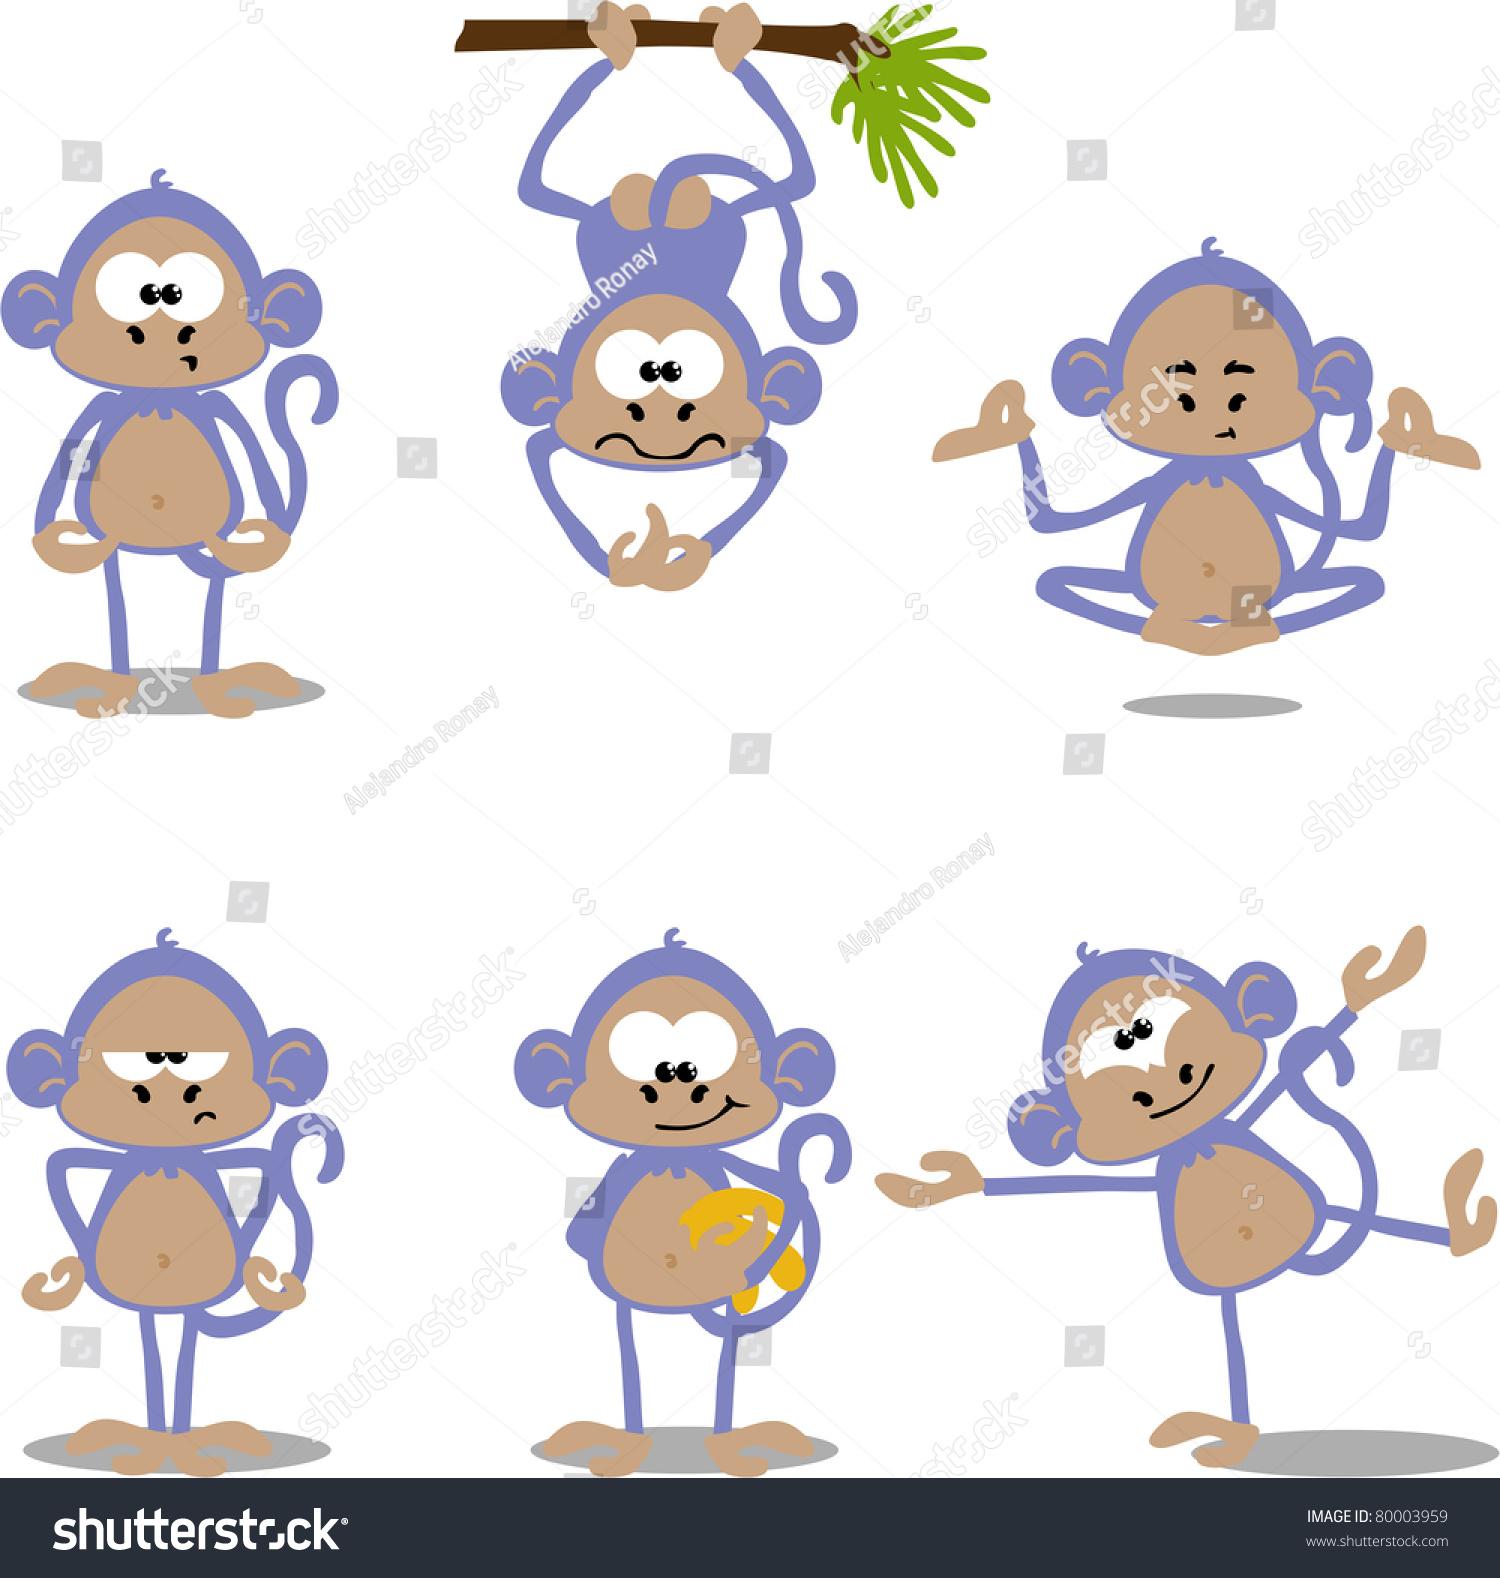 可爱的卡通猴子-动物/野生生物